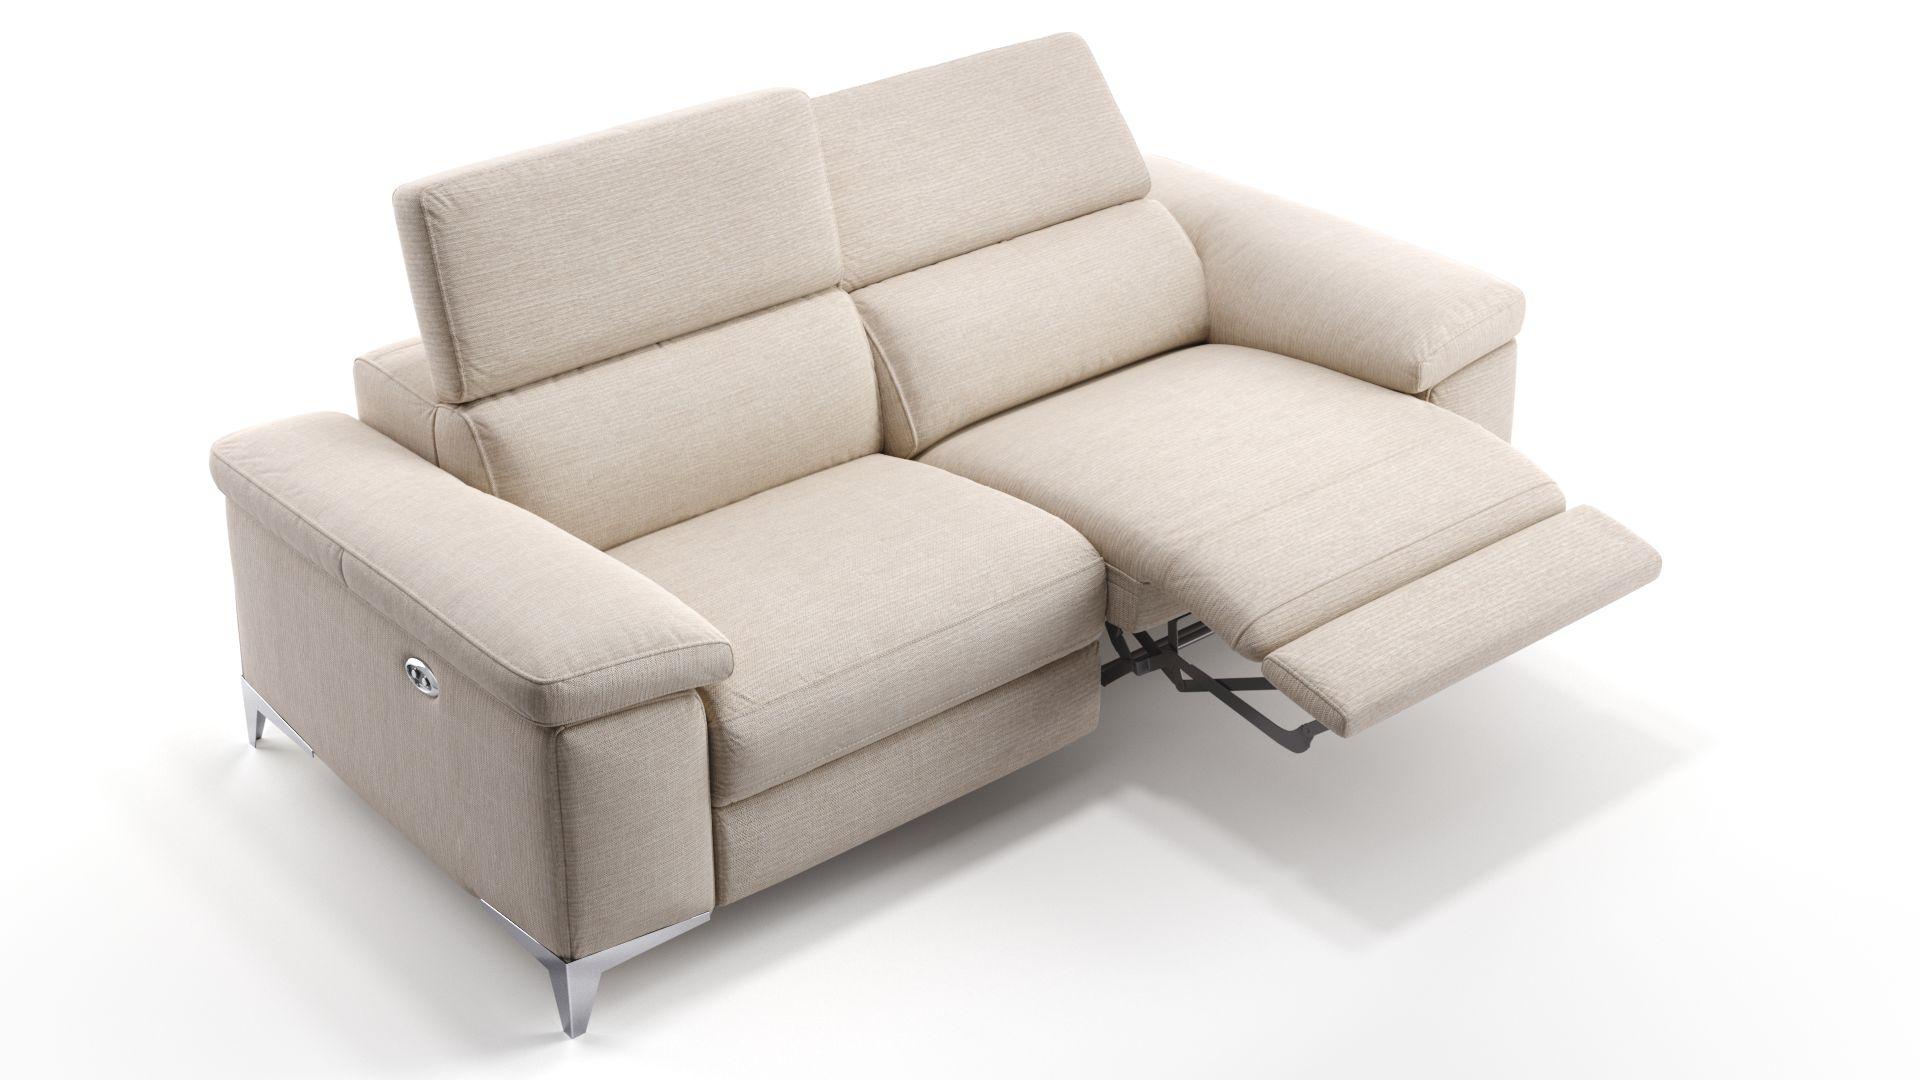 Full Size of Sofa Mit Relaxfunktion Elektrisch 3er Elektrischer Sitztiefenverstellung Couch Verstellbar Leder Ecksofa 3 Sitzer Test Elektrische 2 Zweisitzer 5 Stoffsofa Sofa Sofa Mit Relaxfunktion Elektrisch